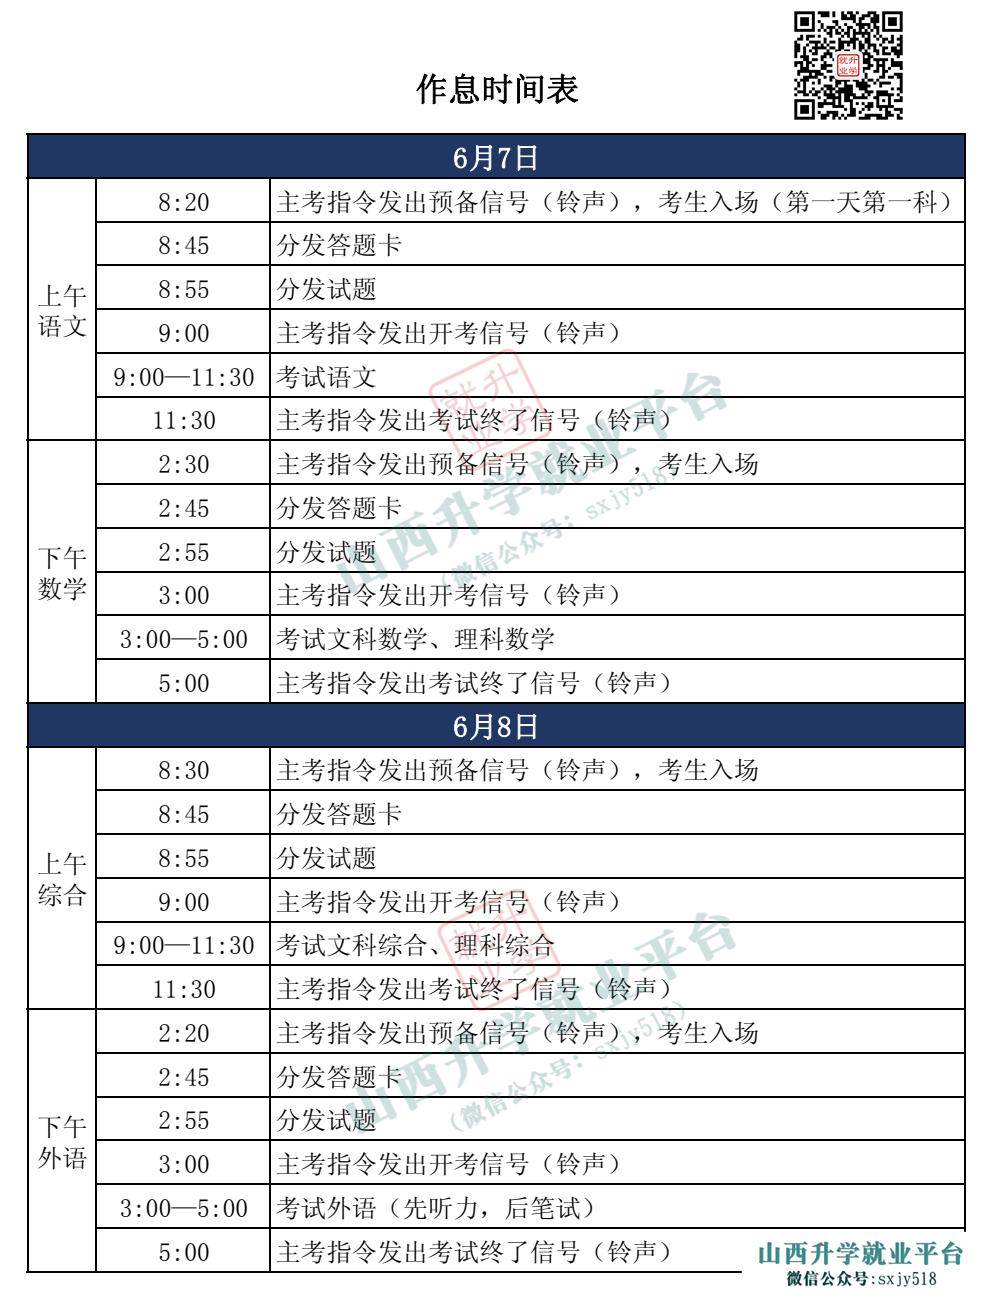 山西省2021高考考试作息时间表